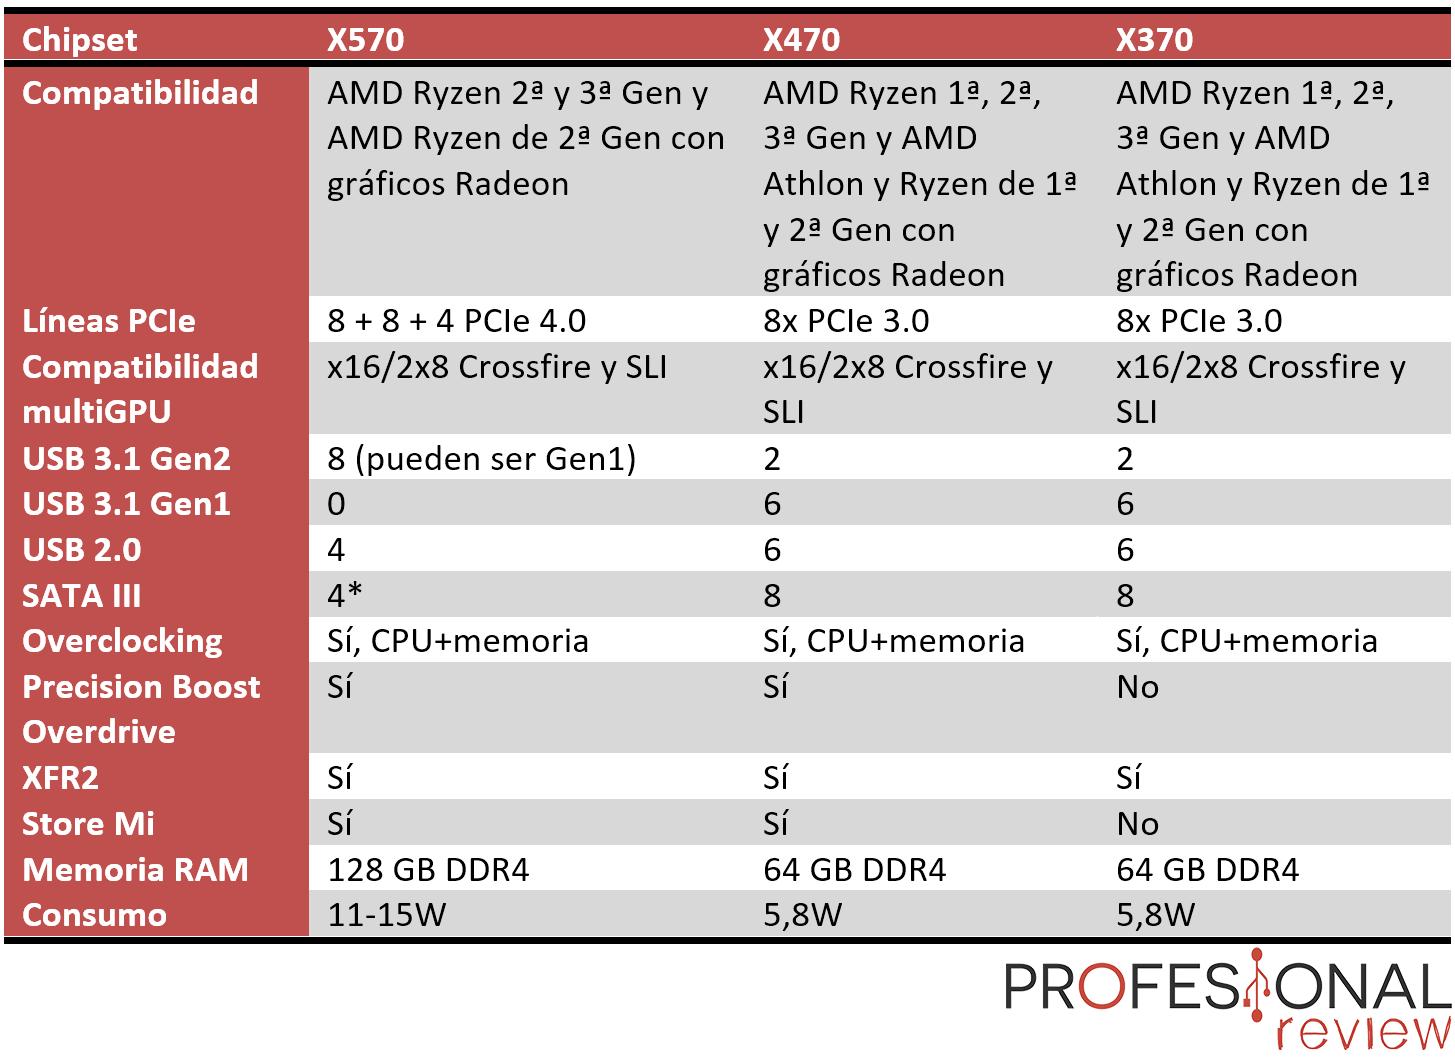 Amd X570 Vs X470 Vs X370 Diferencias Entre Los Chipsets Para Ryzen 3000